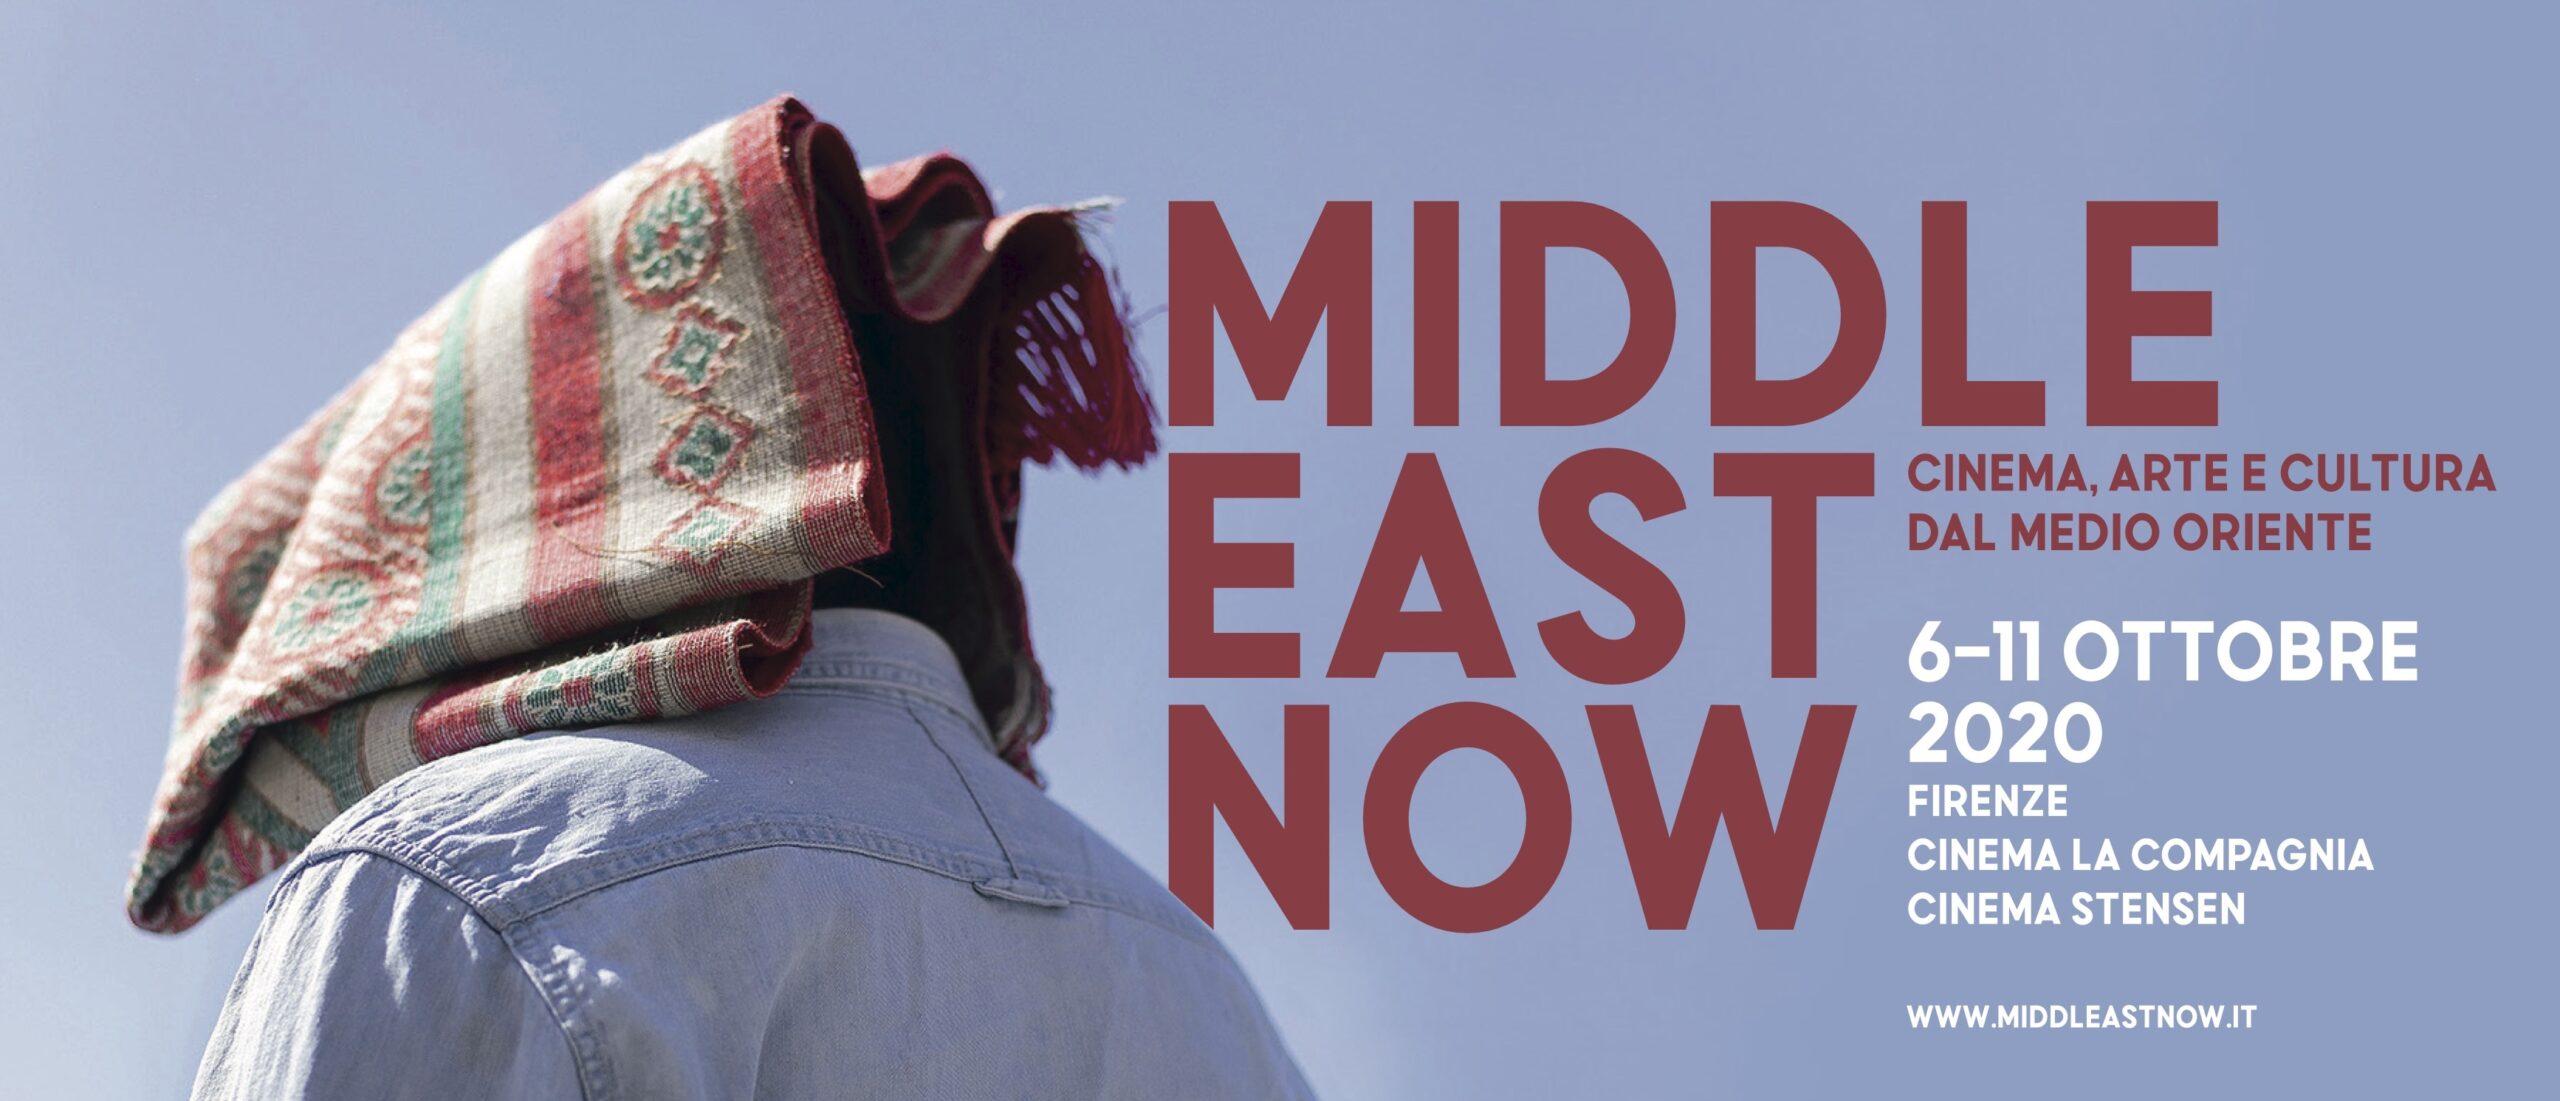 Al via l'11ª edizione di Middle East Now. Il Medio Oriente in tutte le sue sfaccettature